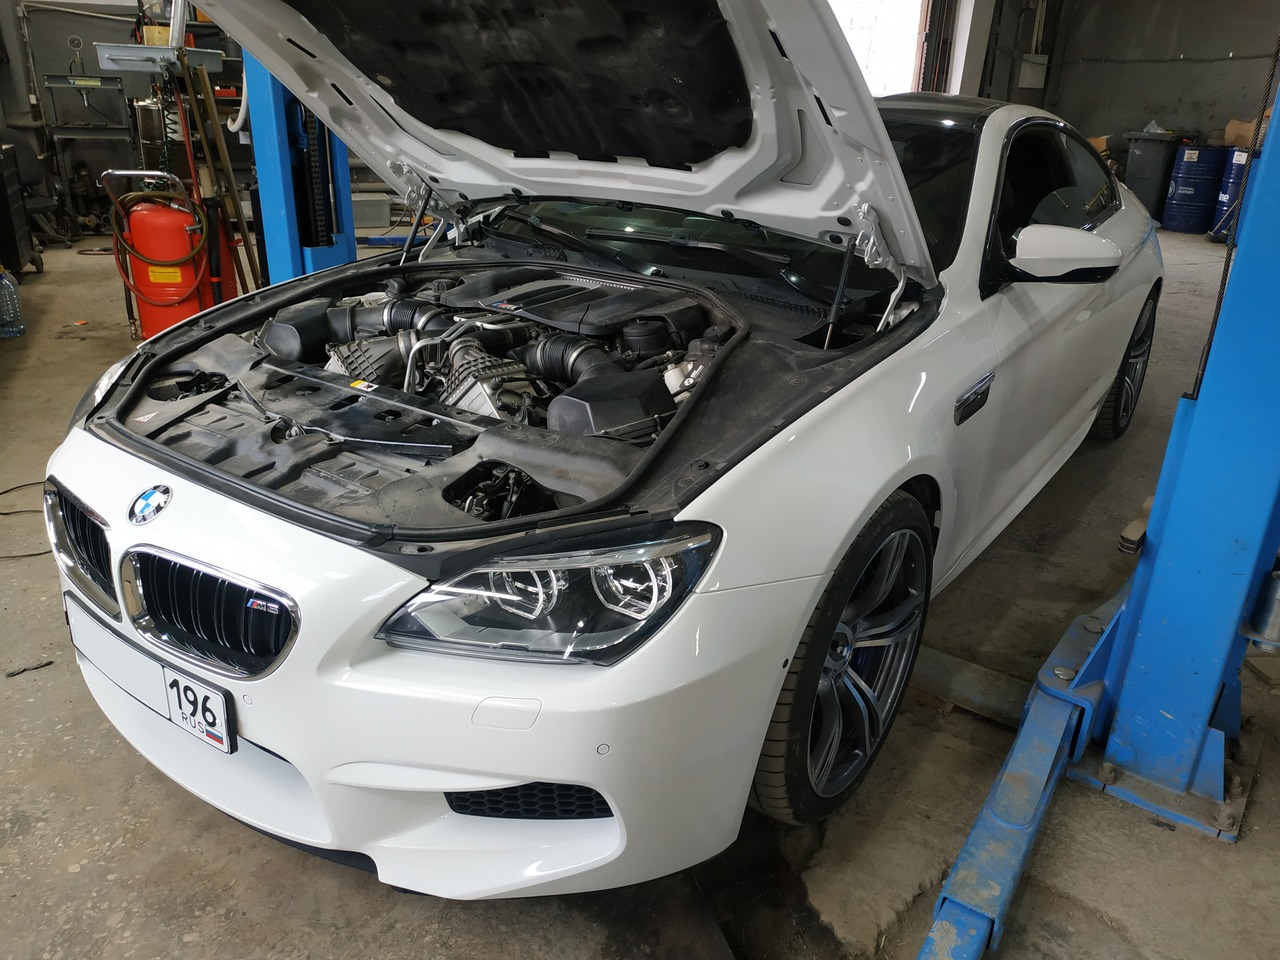 BMW F13 M6 2012